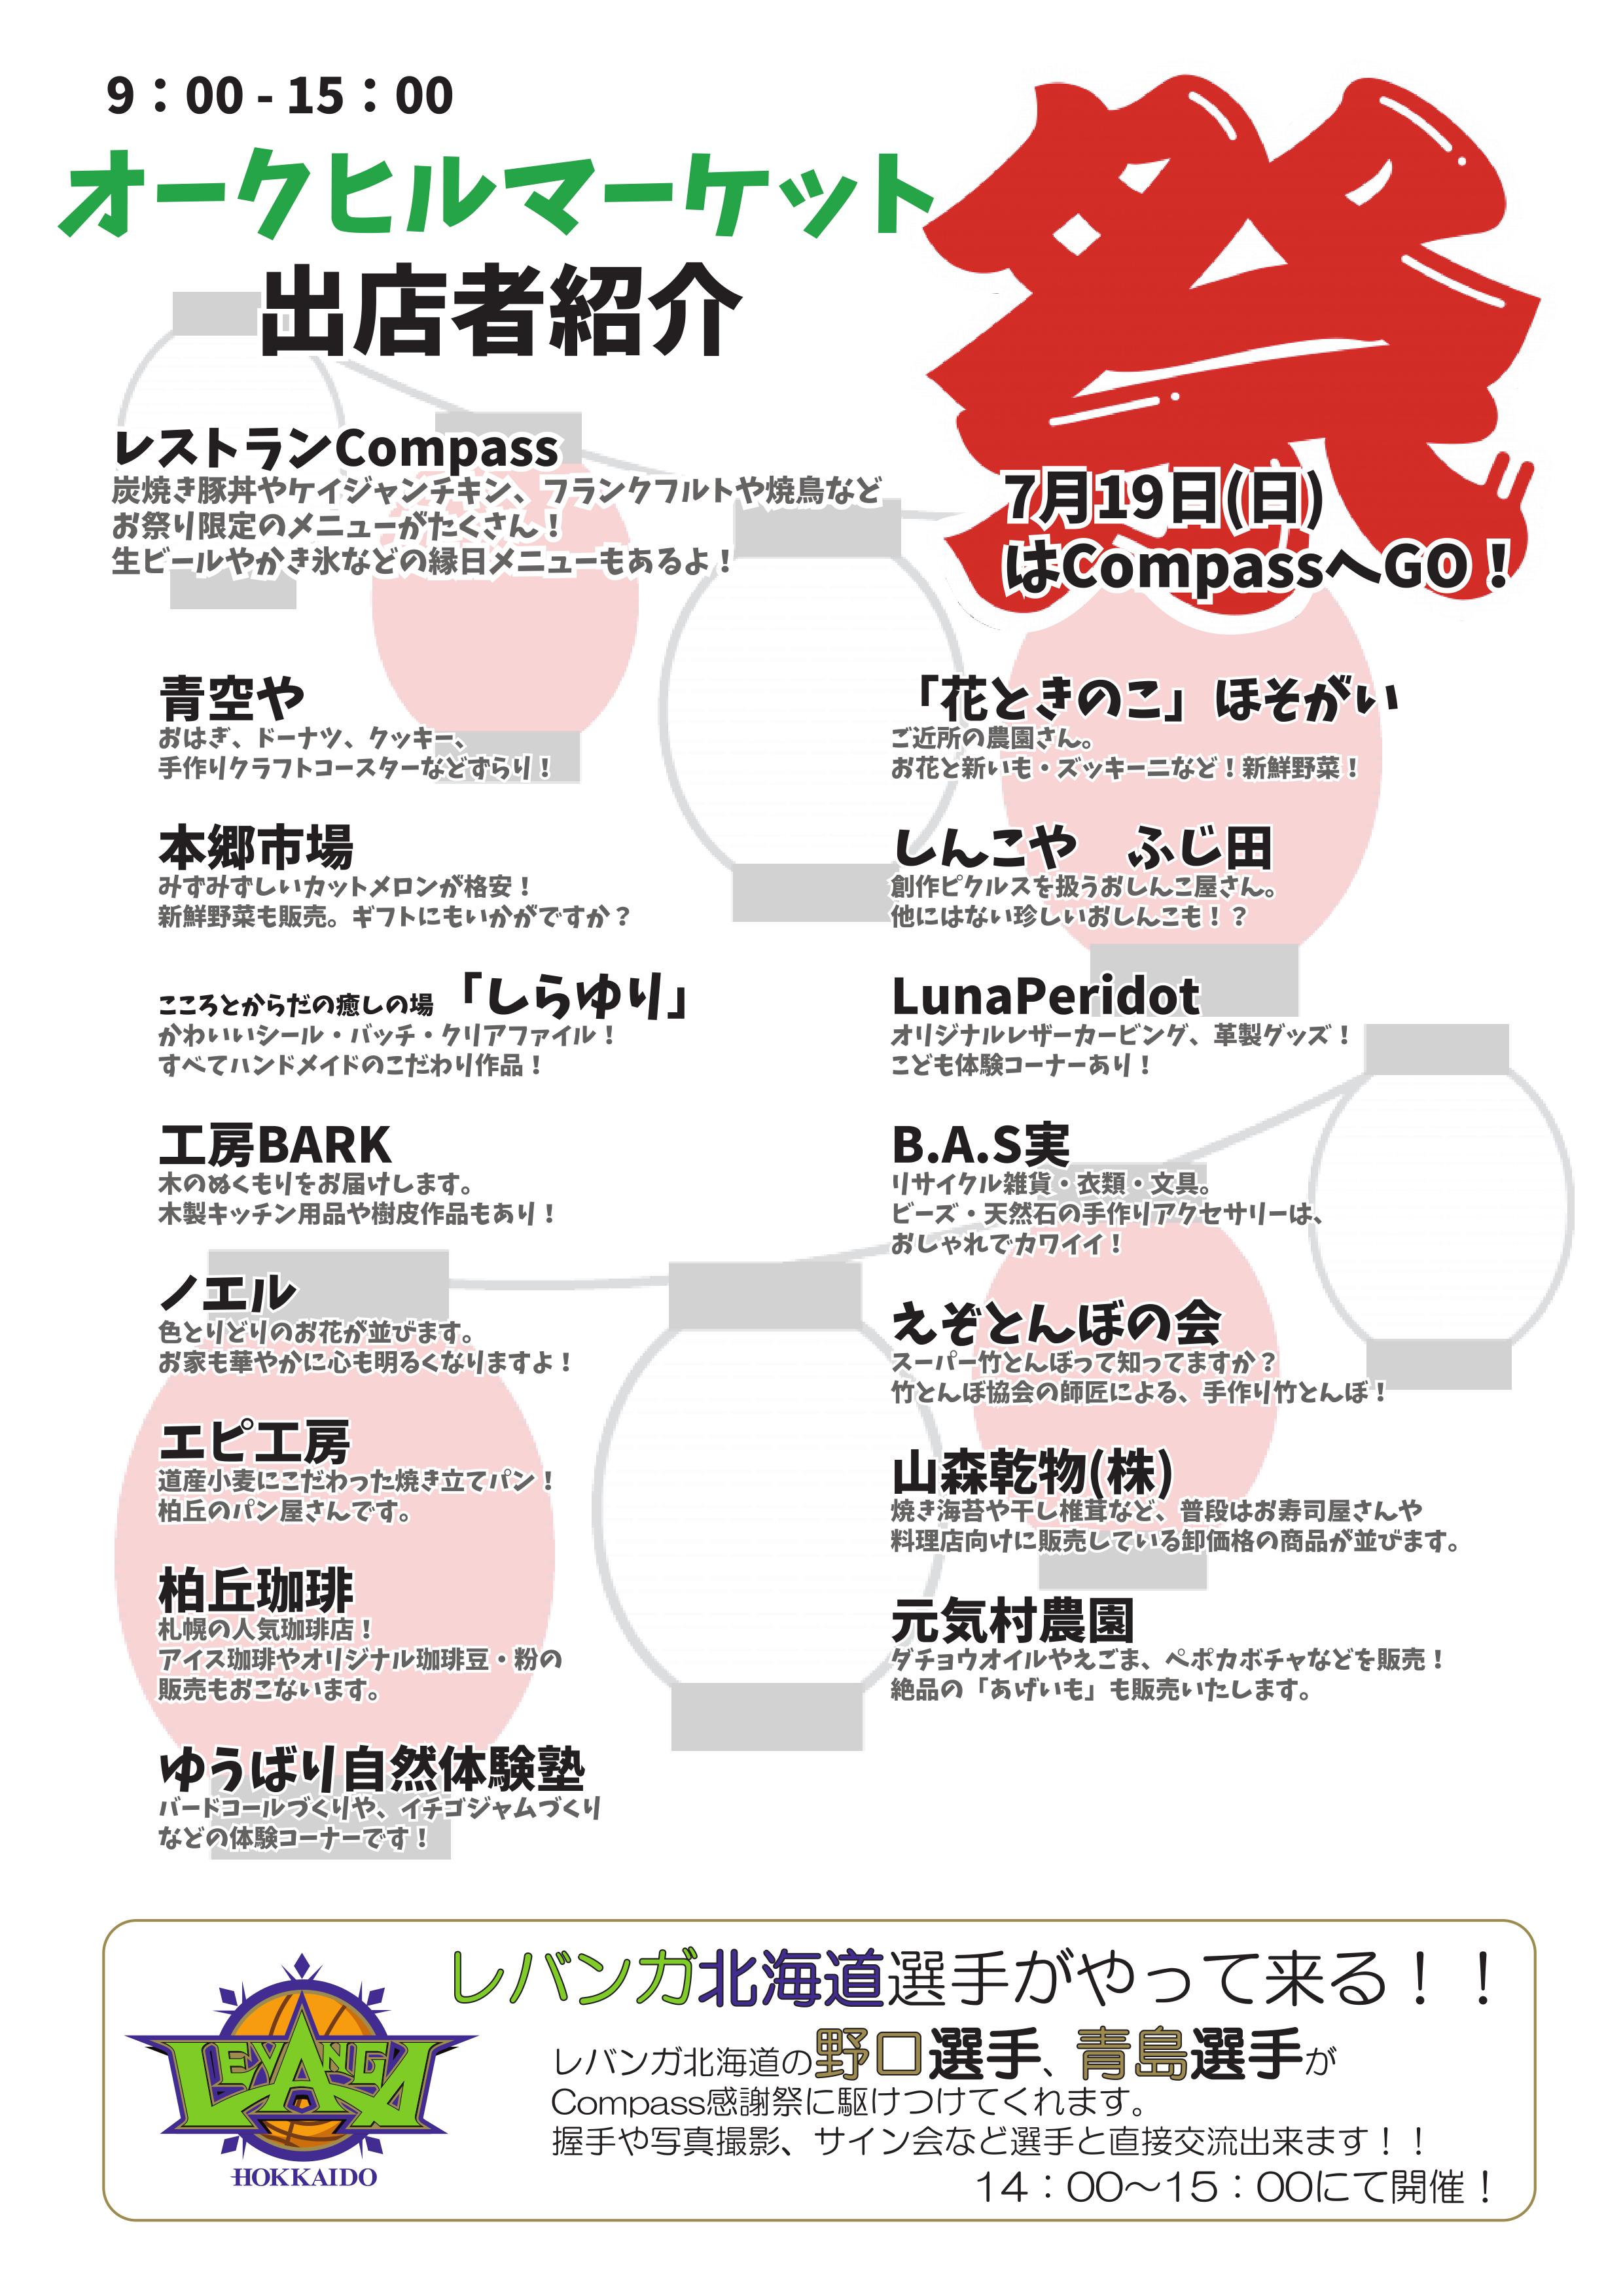 オークヒルマーケット出店者紹介2015 コピー_imgs-0001